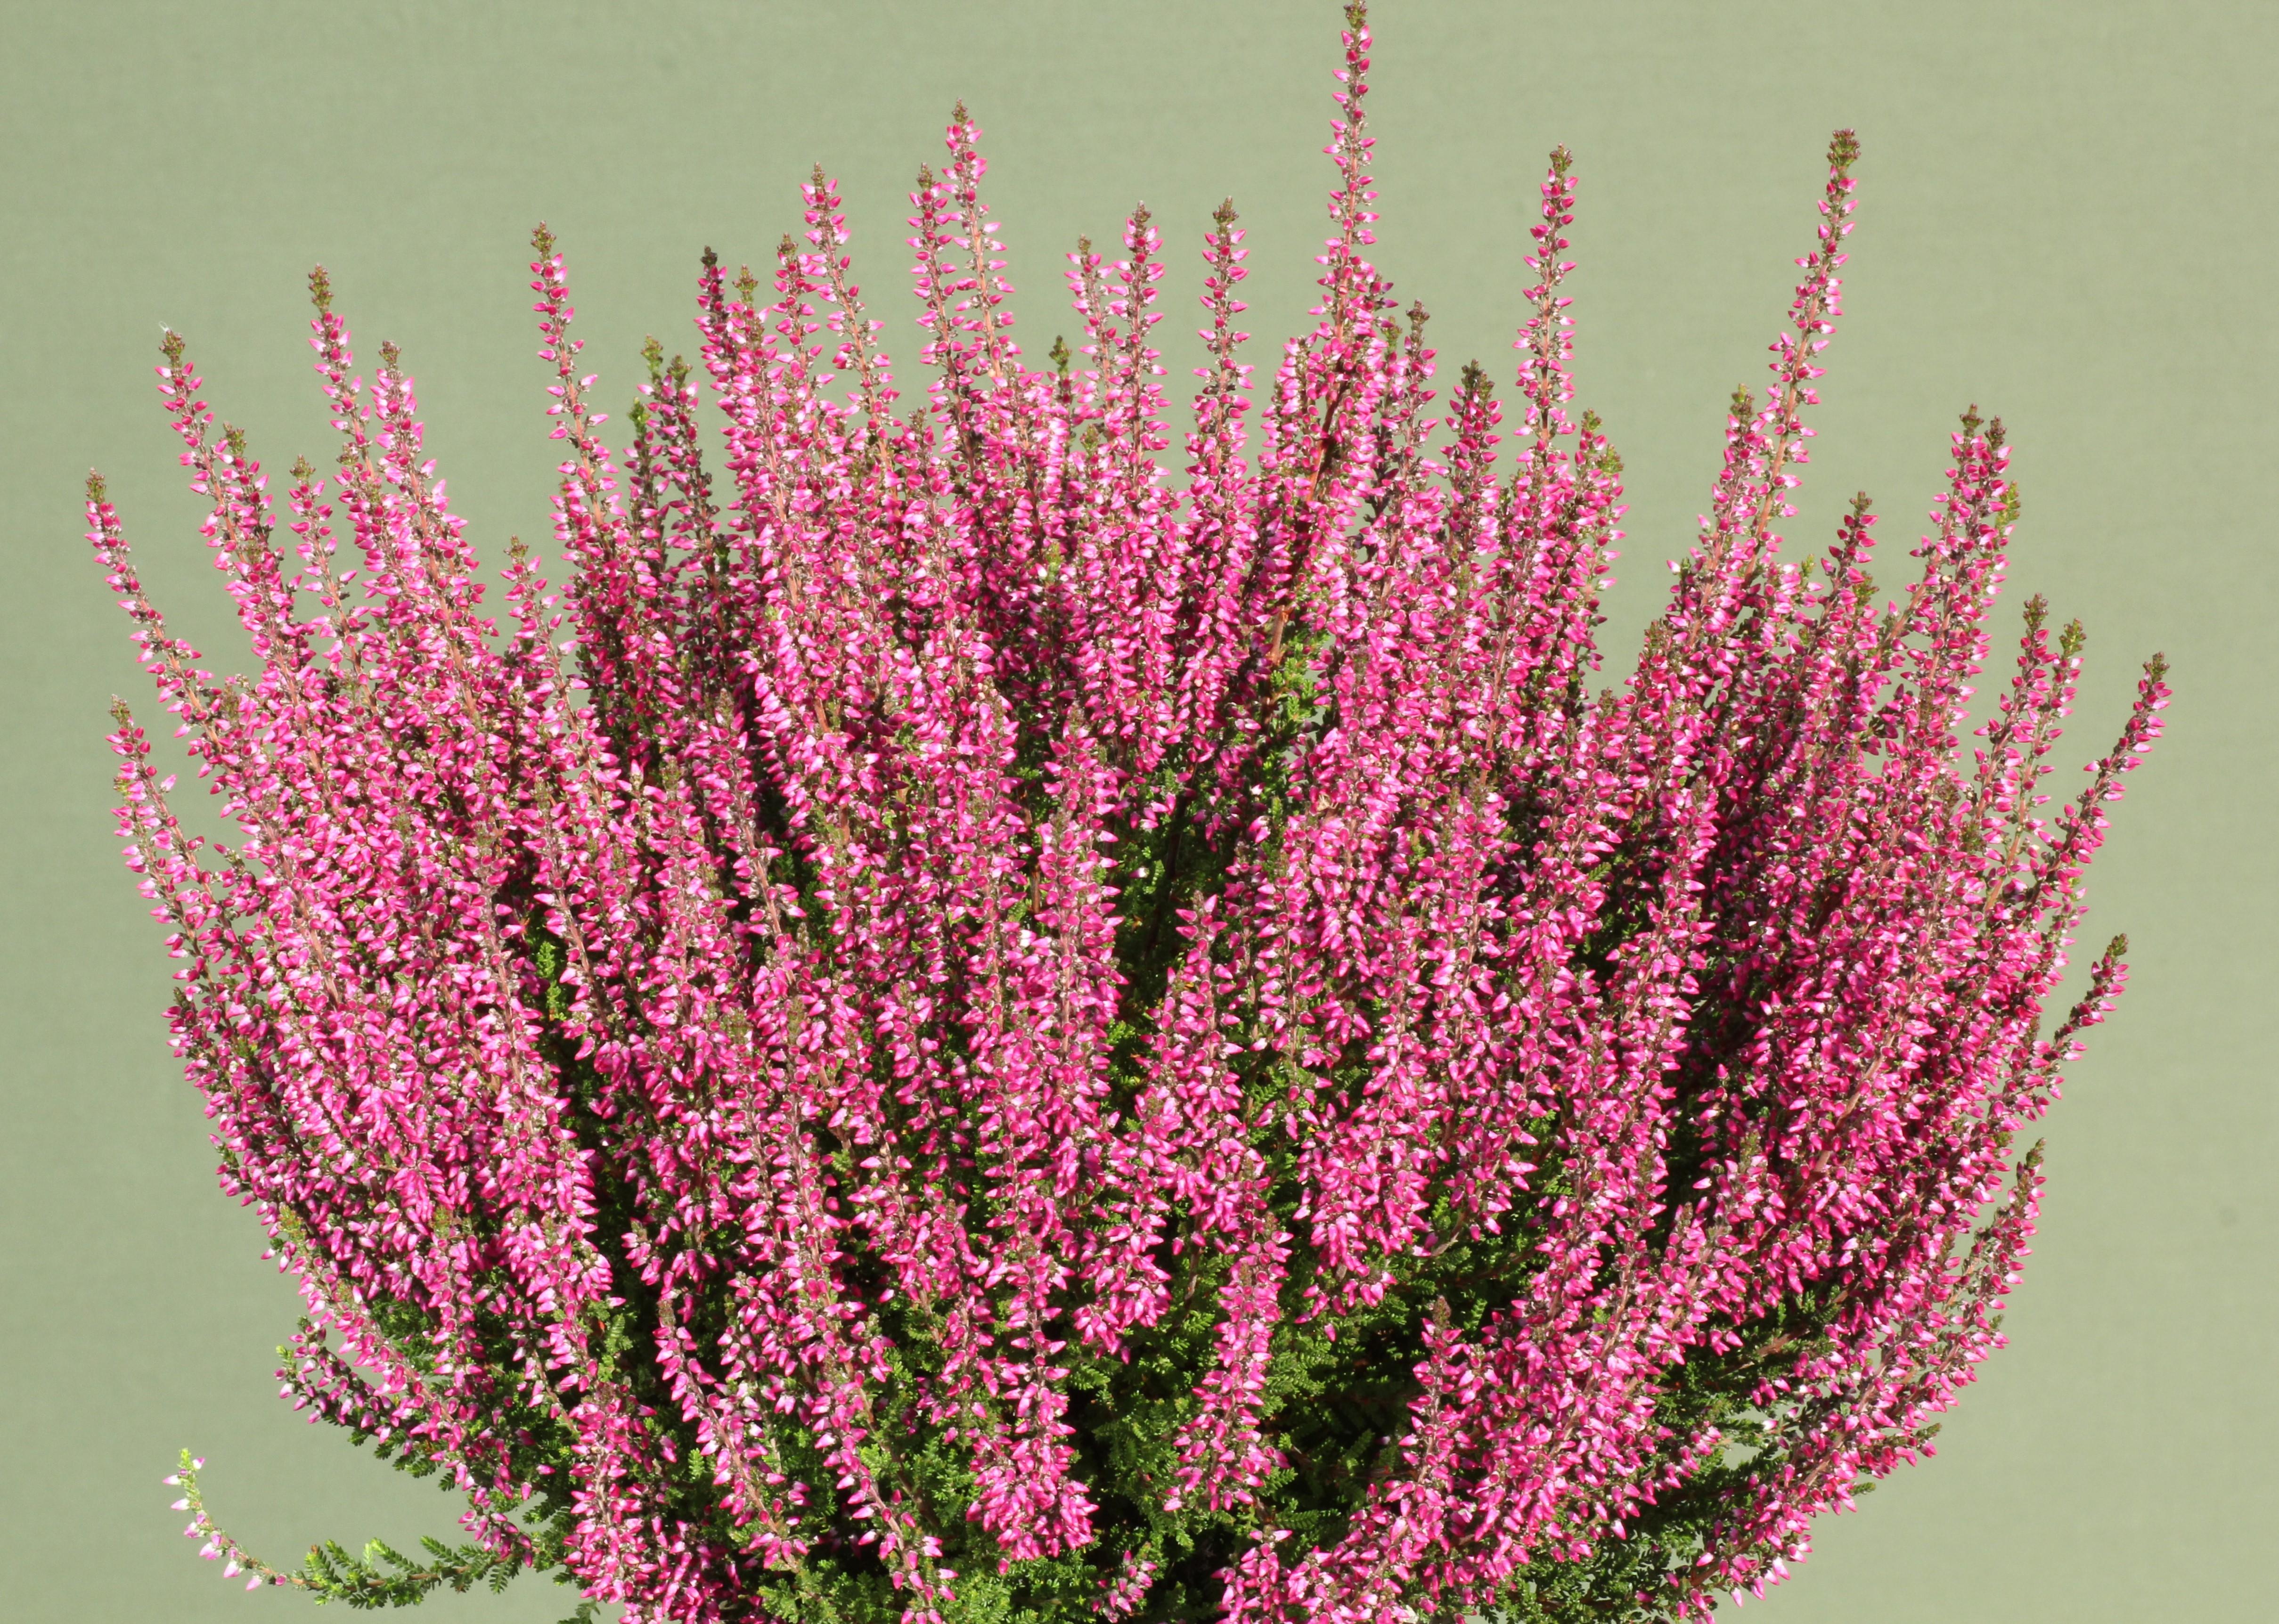 Knospenheide (Calluna) Gardengirls® Amethyst - violett rot